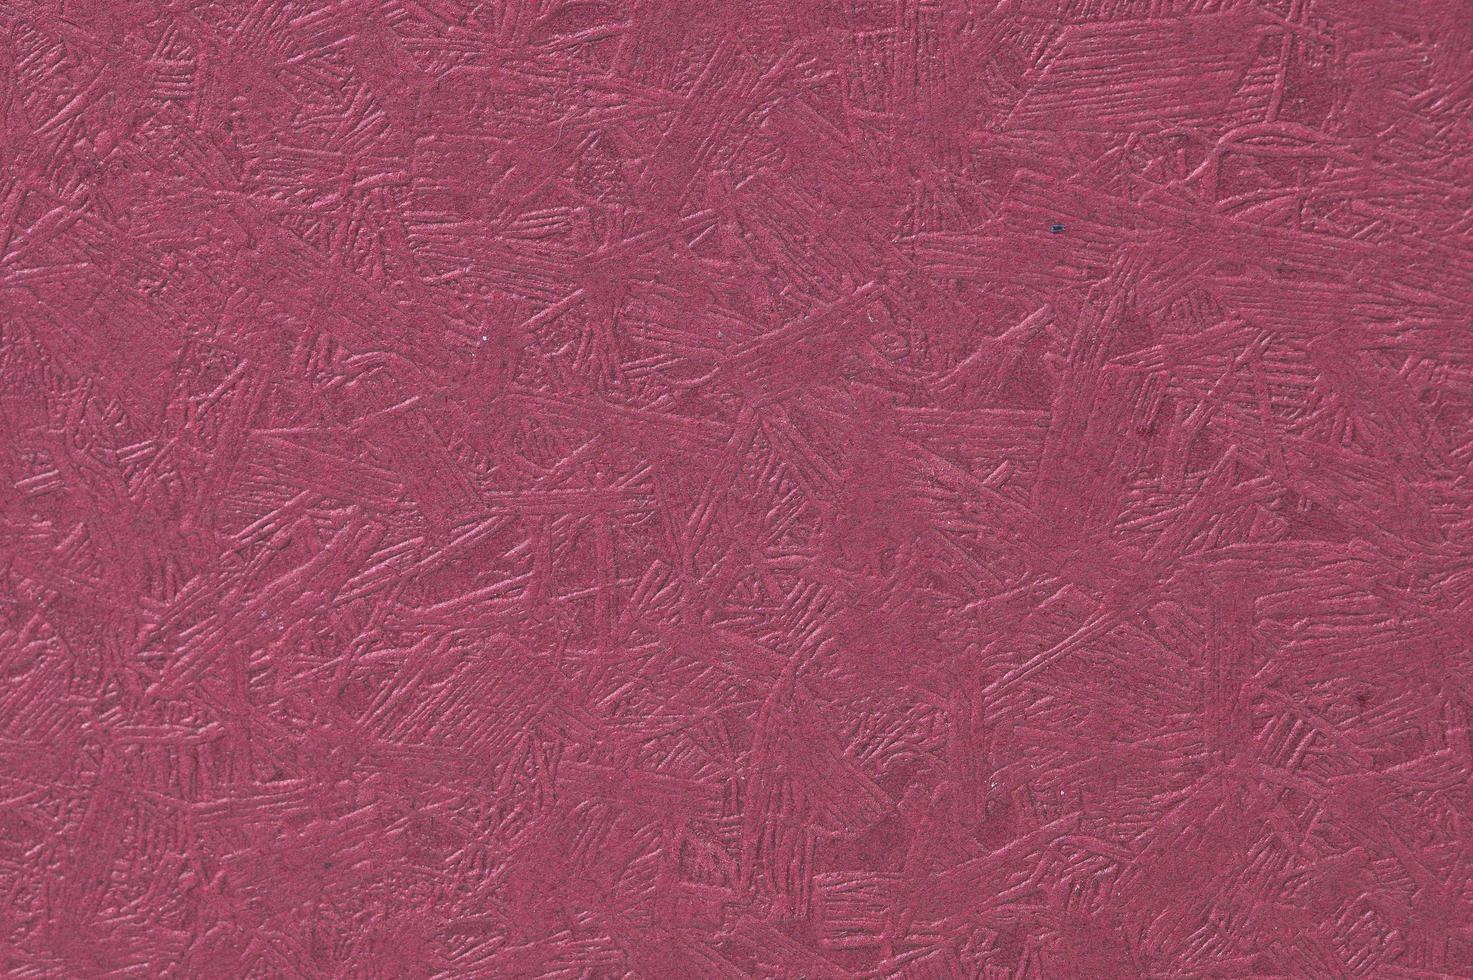 rode papieren patroon achtergrond foto